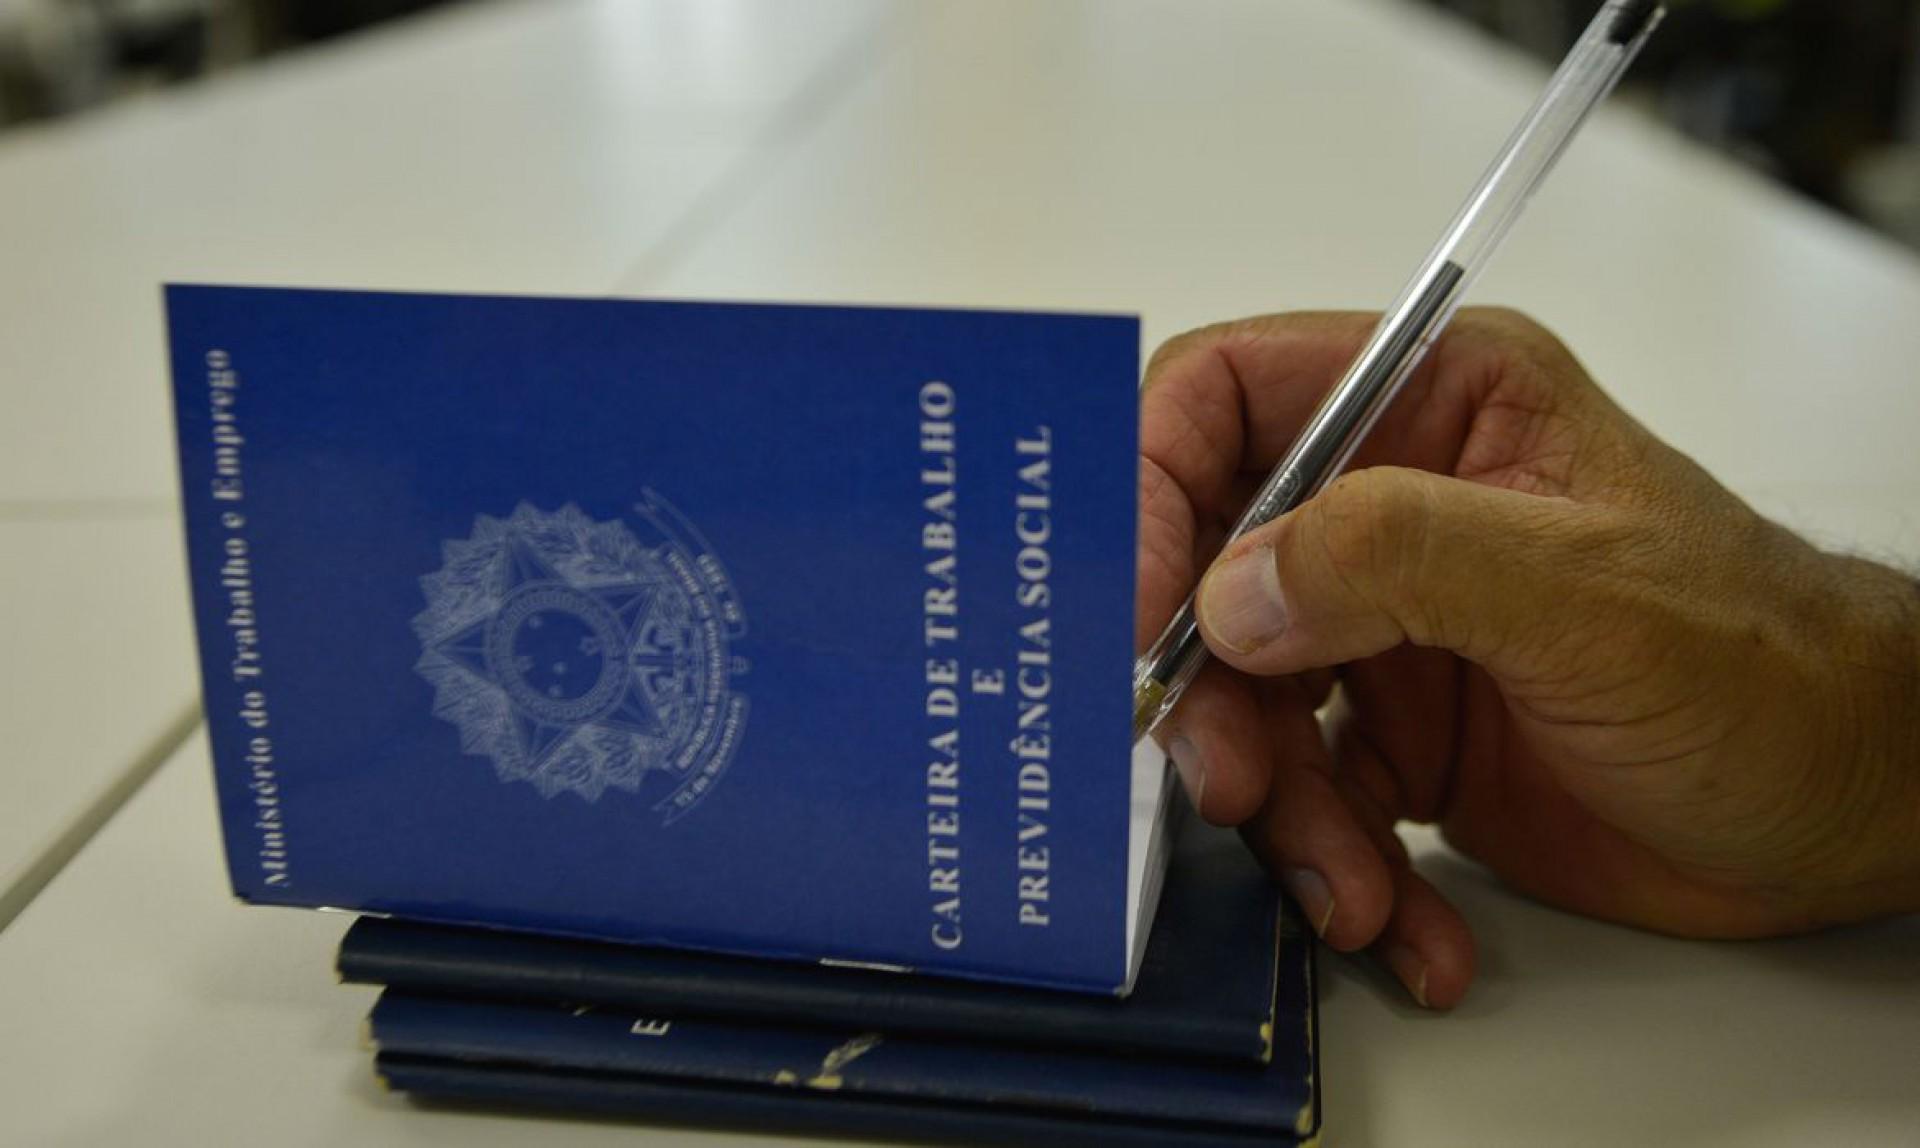 Desemprego atingiu 530 mil pessoas no Ceará